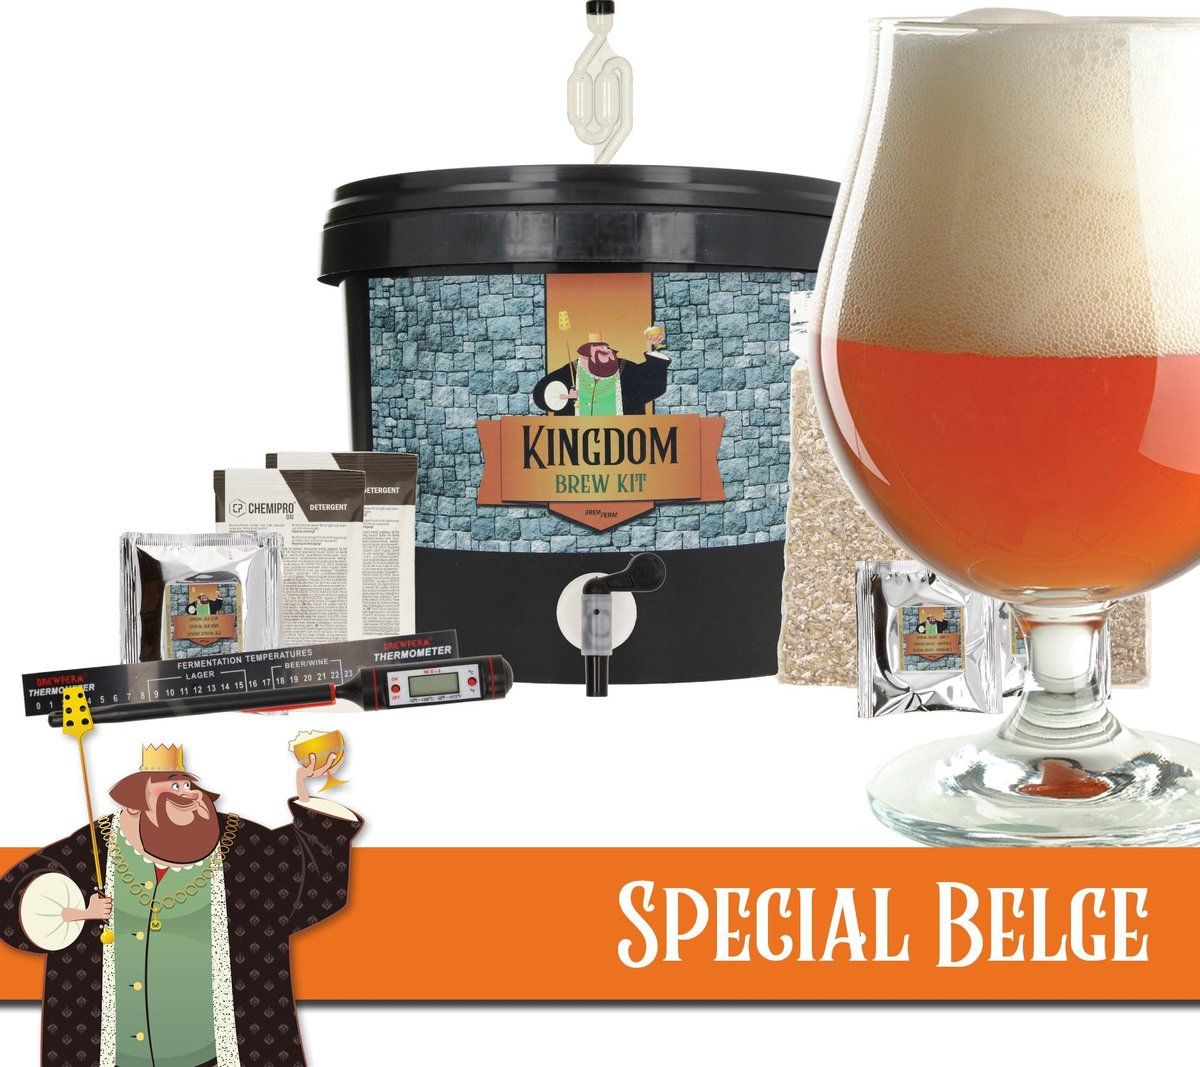 KINGDOM Bierbrouwpakket - startpakket - Special Belge - Bock  - zelf bier brouwen - starterspakket b